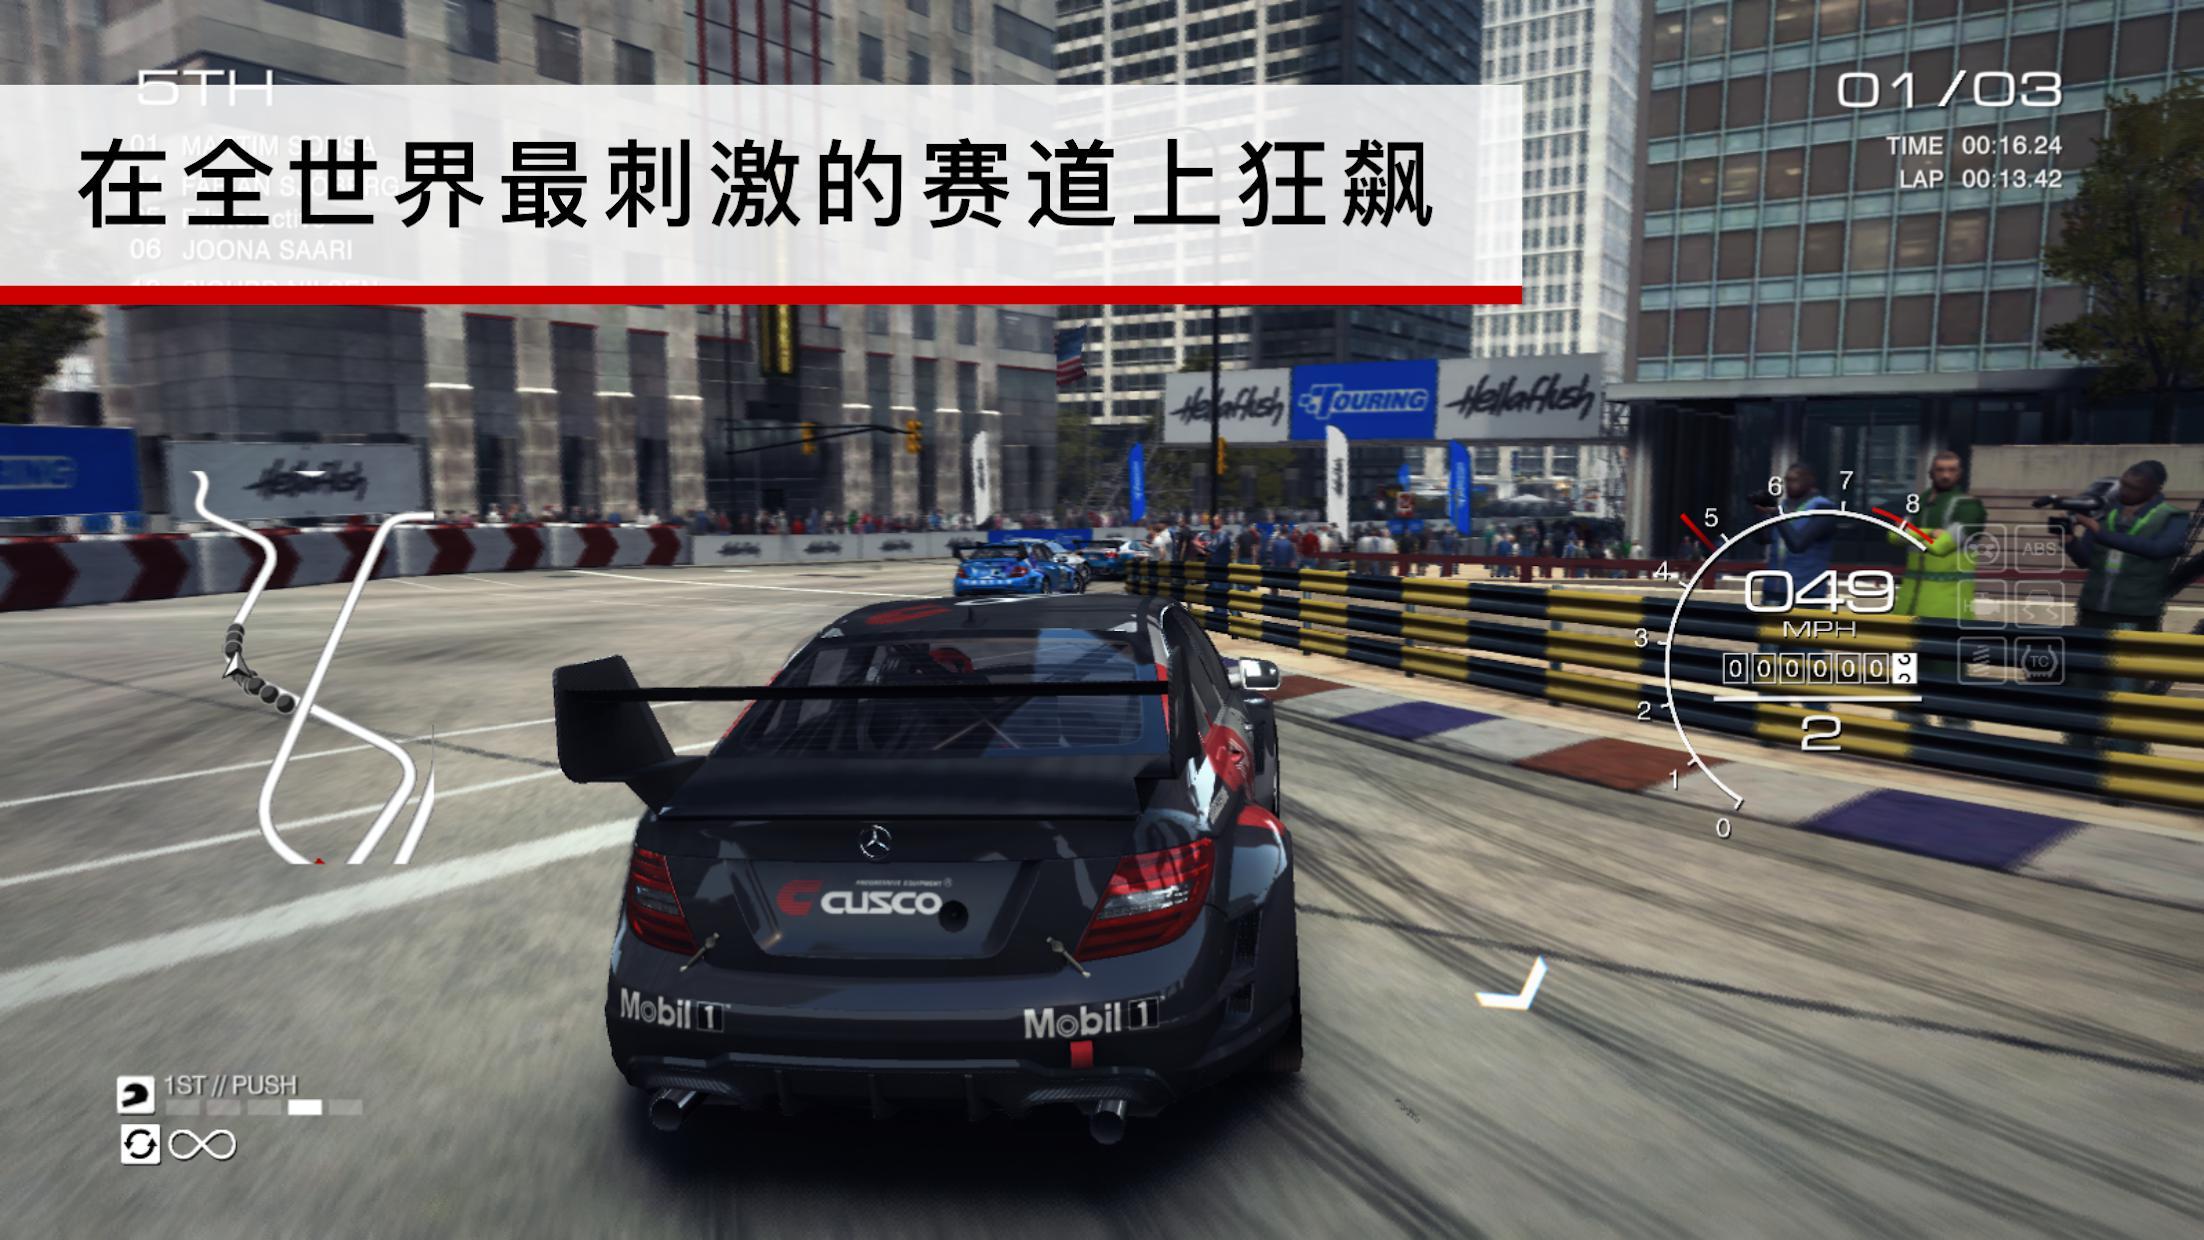 超级房车赛:汽车运动(GRID) 游戏截图3